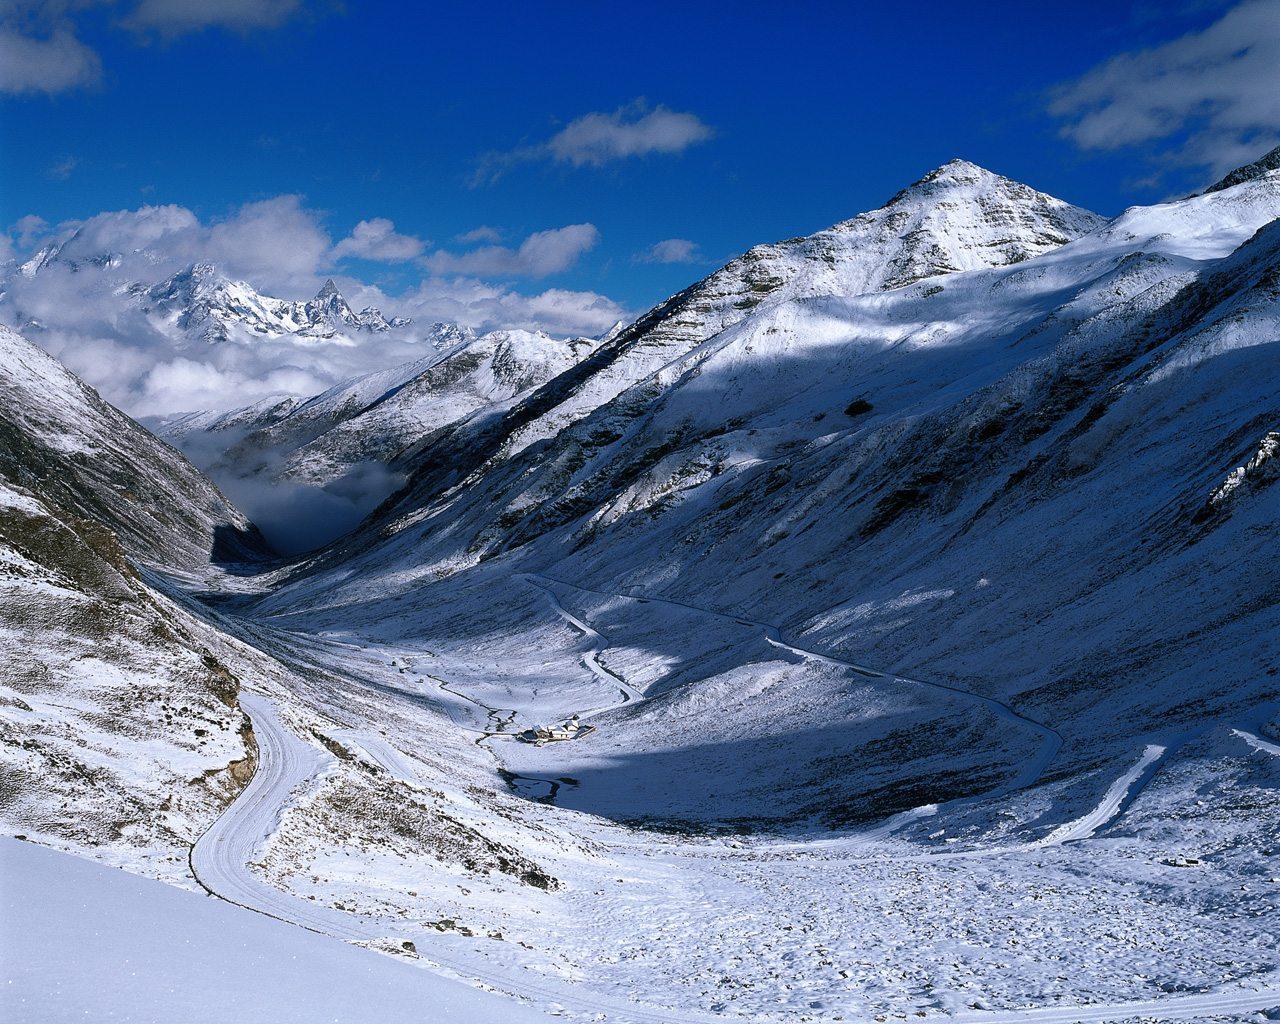 sfondi hd montagne innevate inverno sfondi hd gratis